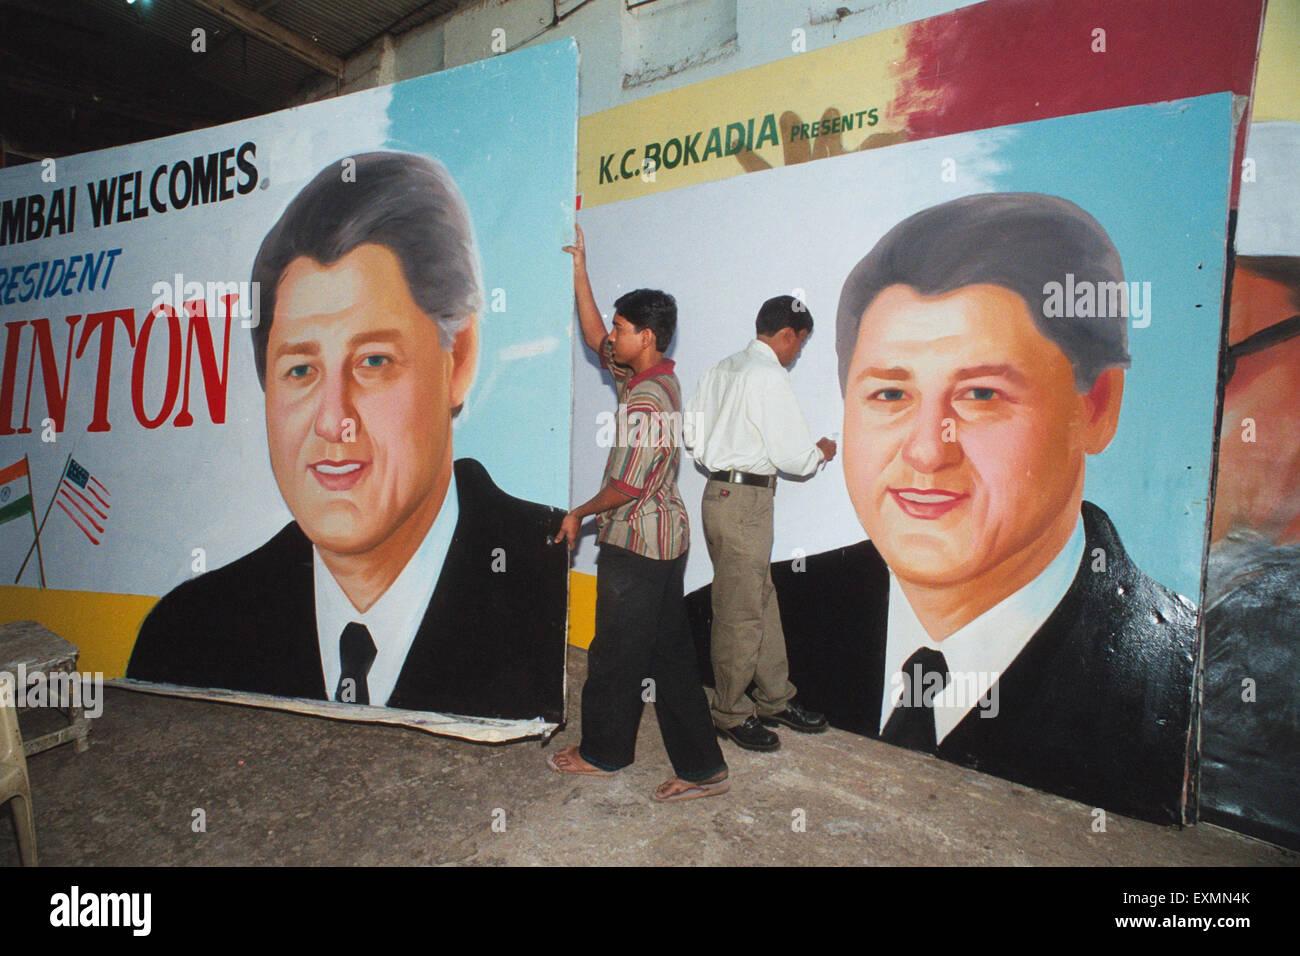 Bill Clinton Plakate Mumbai Indien Stockbild